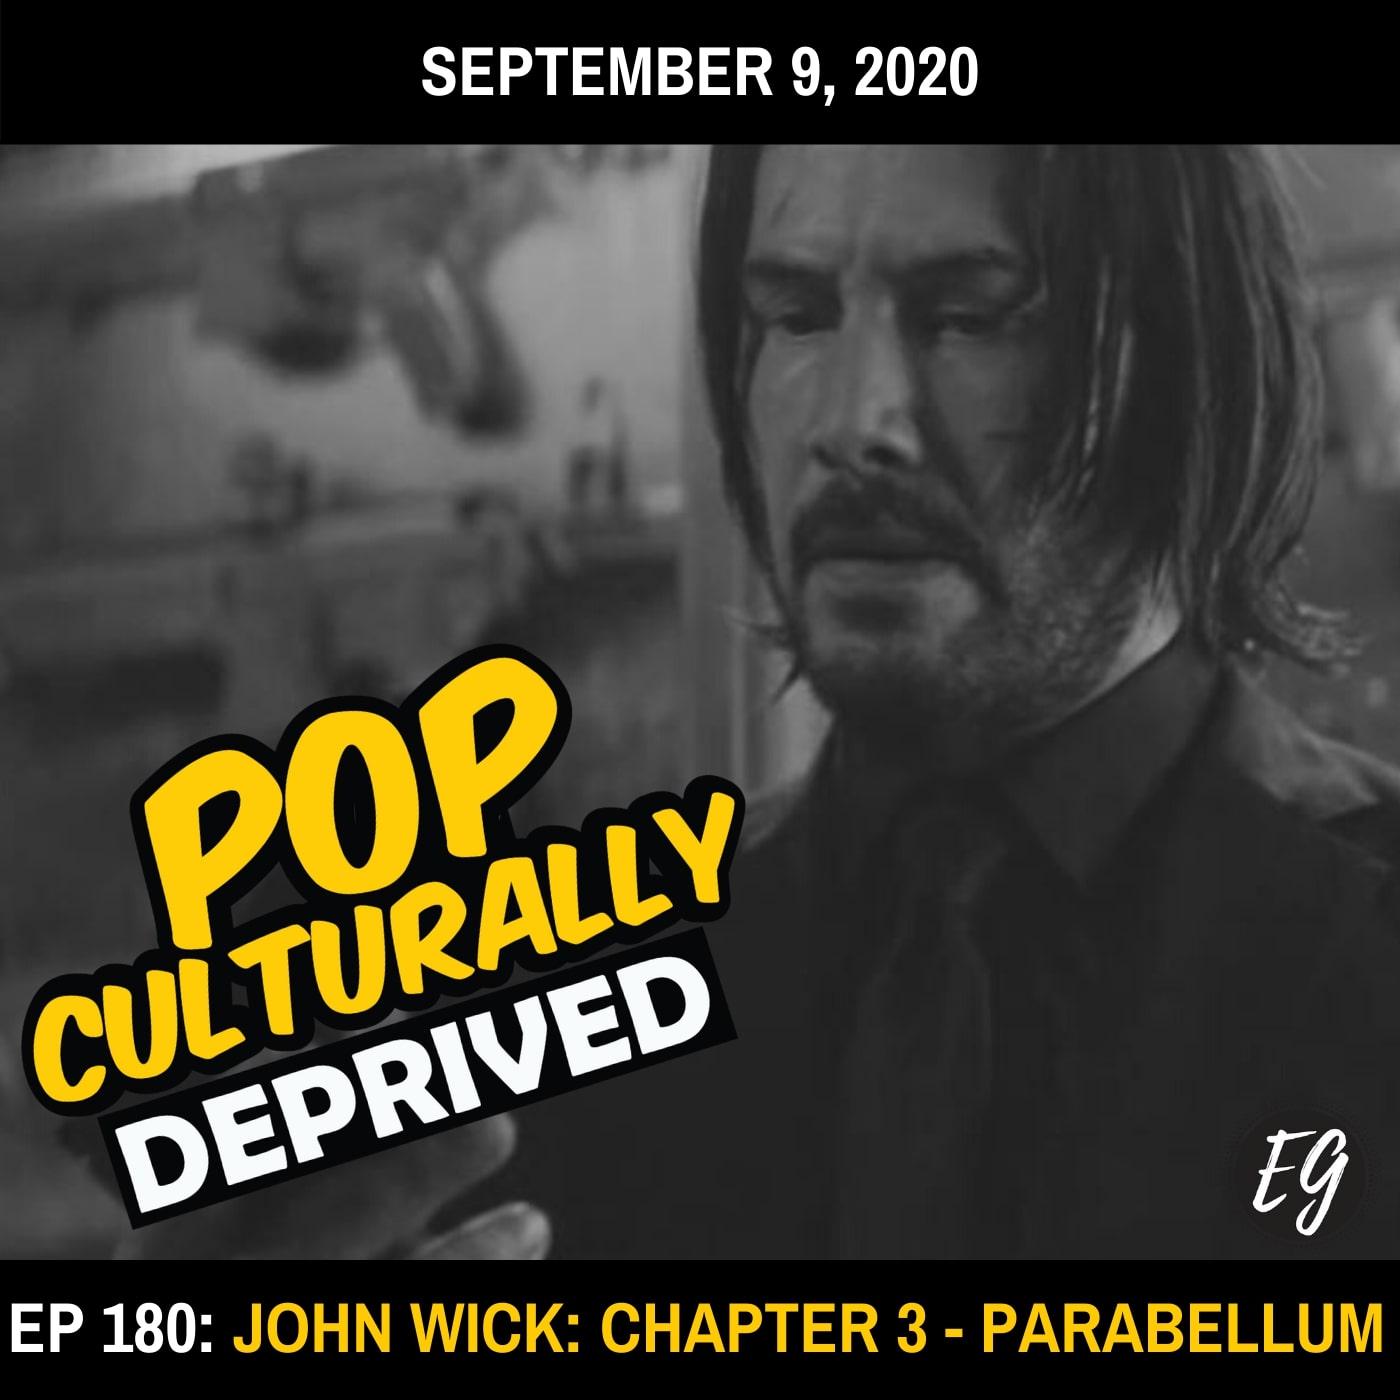 Episode 180: John Wick 3: Chapter 3 - Parabellum